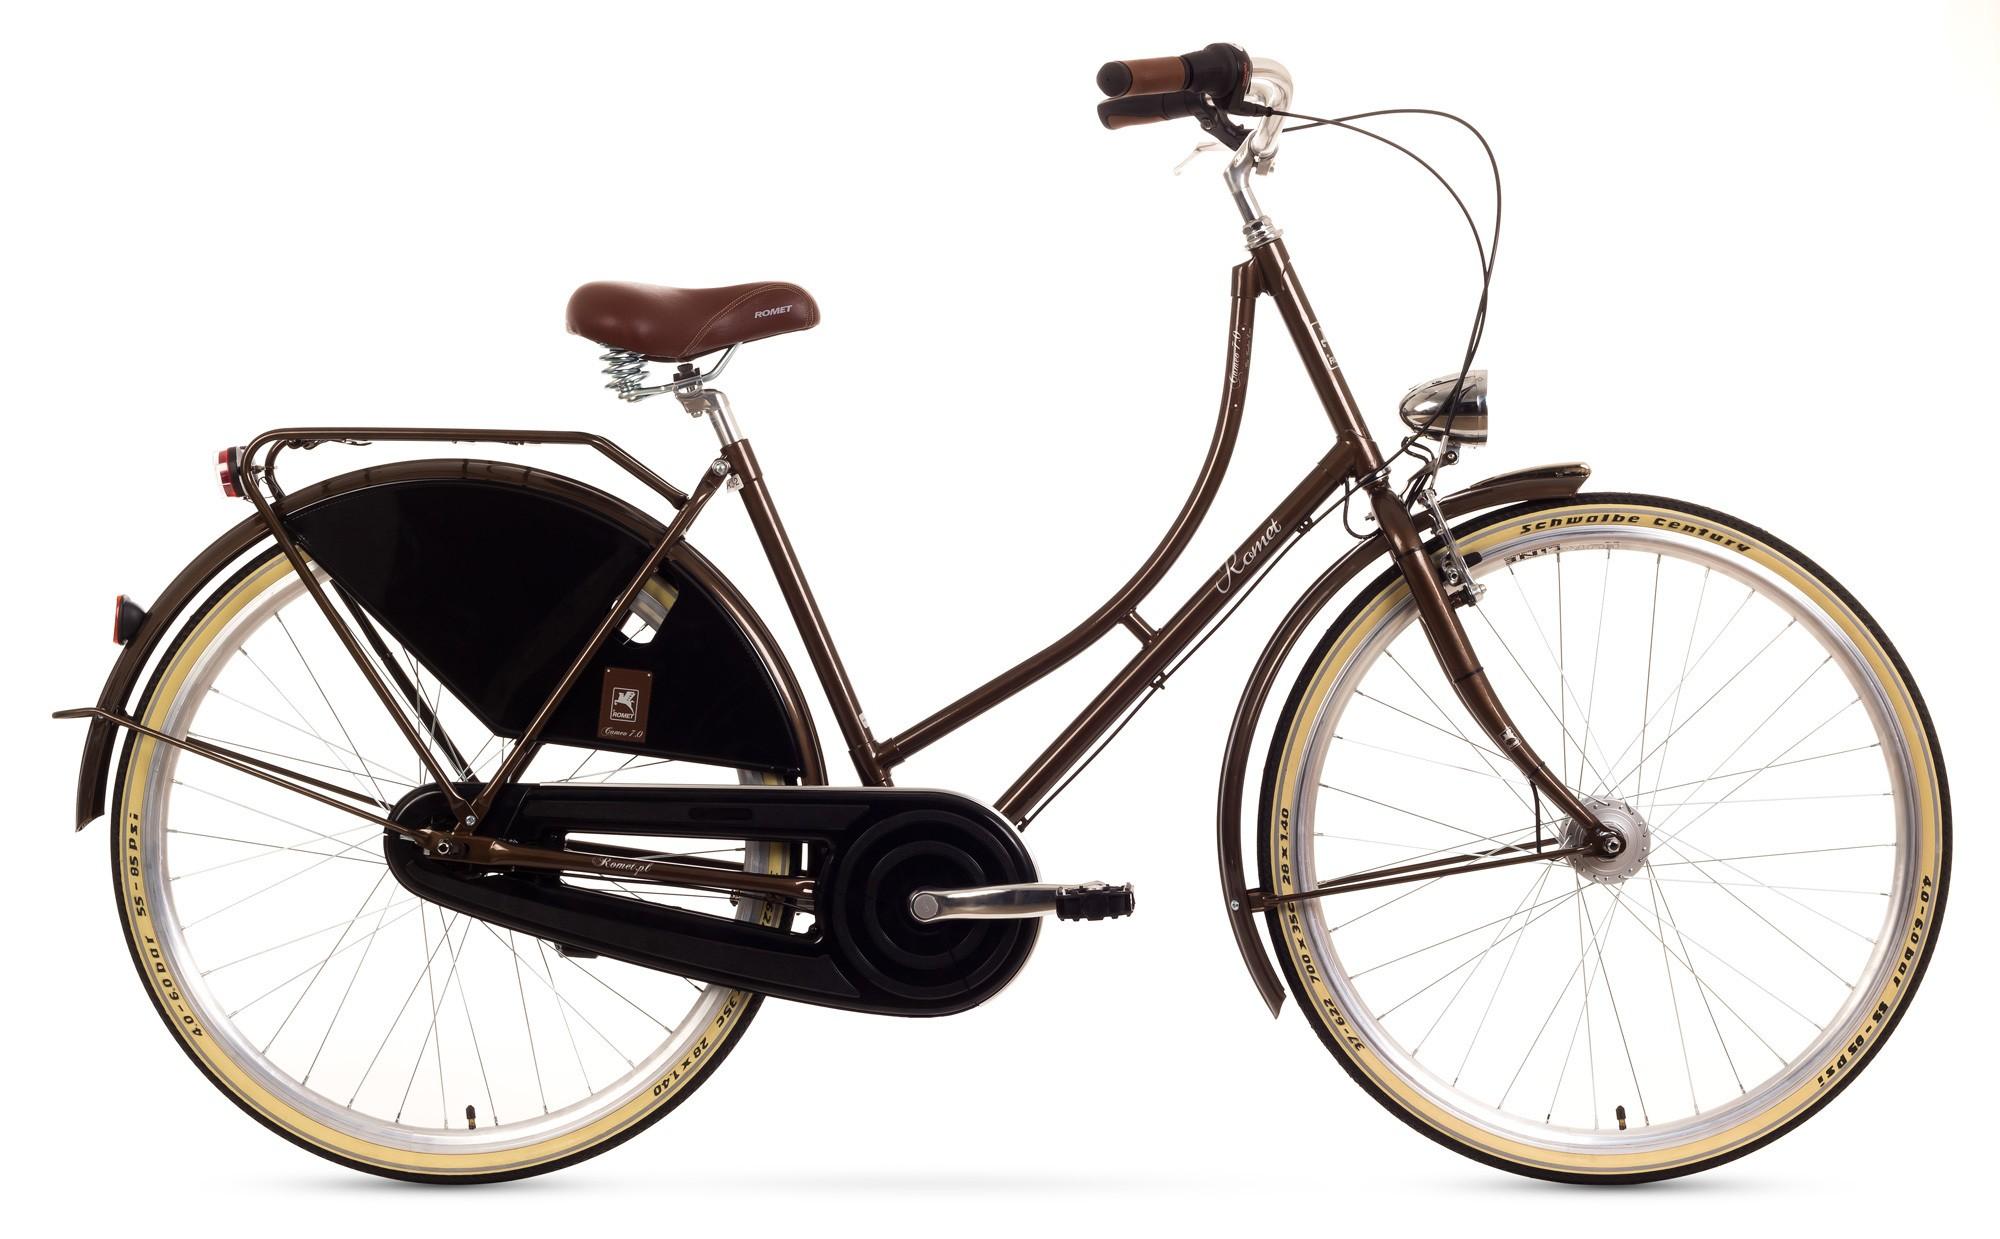 Bicicleta de oras Romet Cameo 7 - chocolate